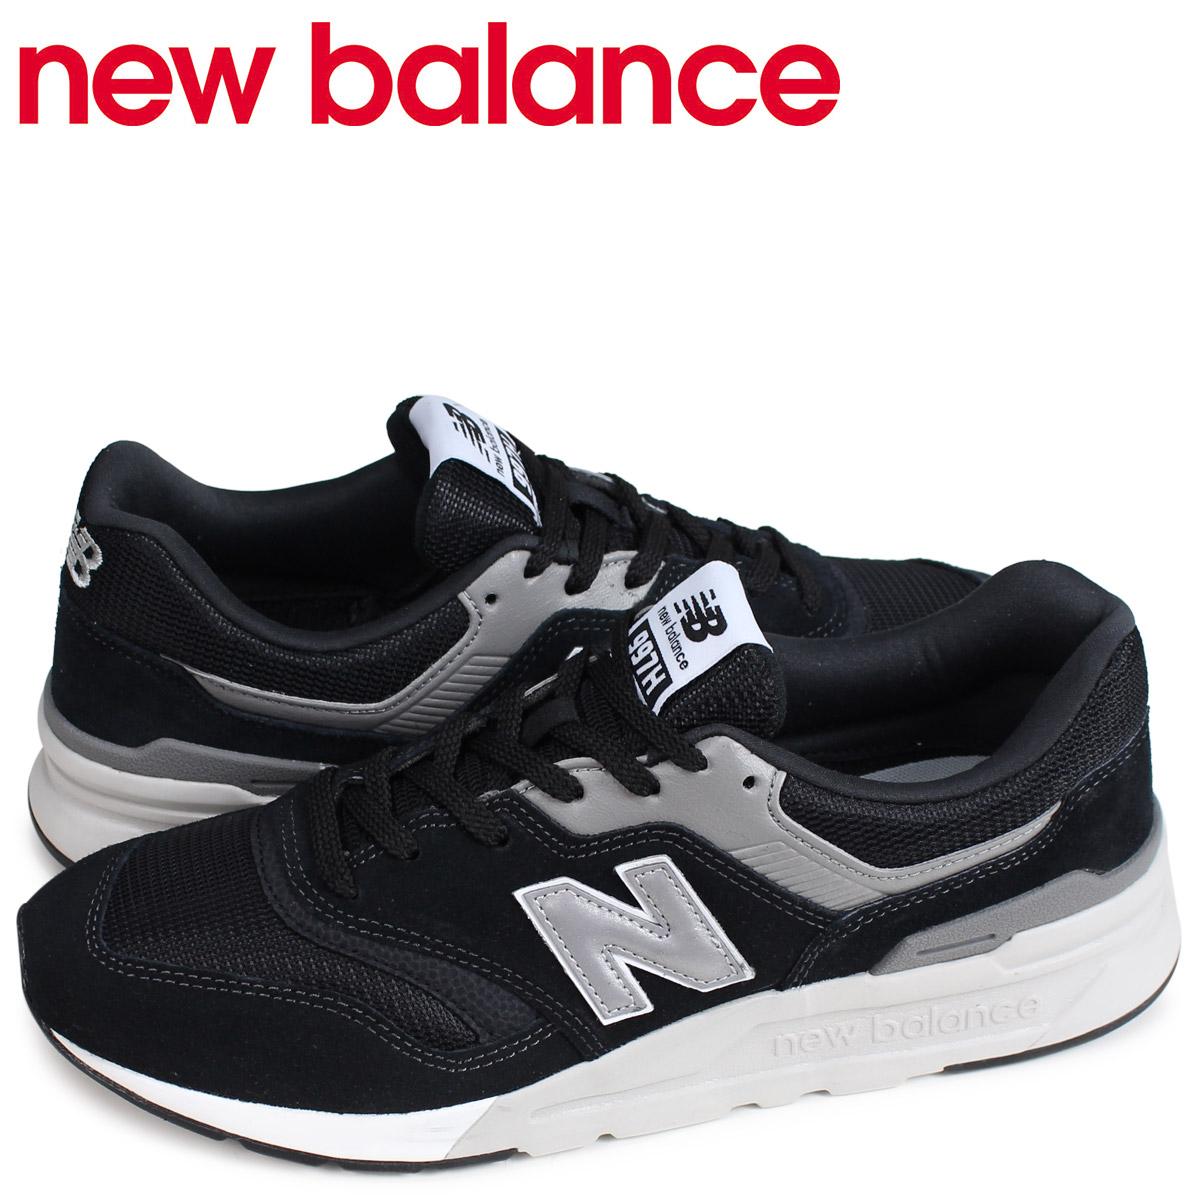 ニューバランス new balance 997 スニーカー メンズ Dワイズ ブラック 黒 CM997HCC